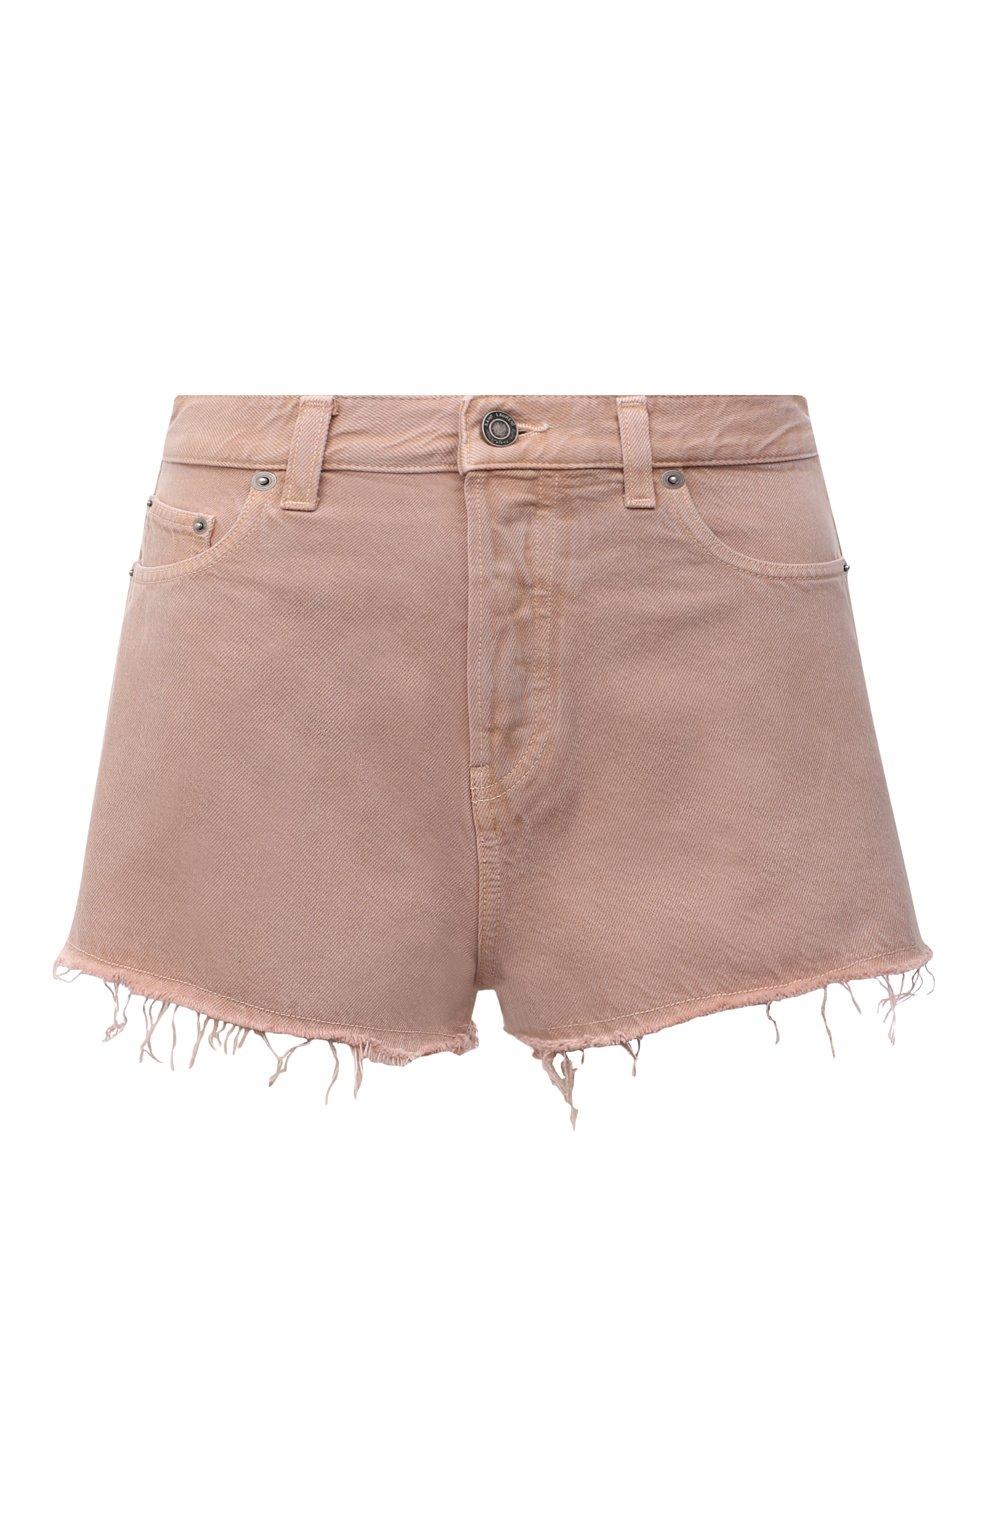 Женские джинсовые шорты SAINT LAURENT розового цвета, арт. 652530/Y23NM | Фото 1 (Женское Кросс-КТ: Шорты-одежда; Стили: Гламурный; Кросс-КТ: Деним; Длина Ж (юбки, платья, шорты): Мини; Материал внешний: Хлопок)